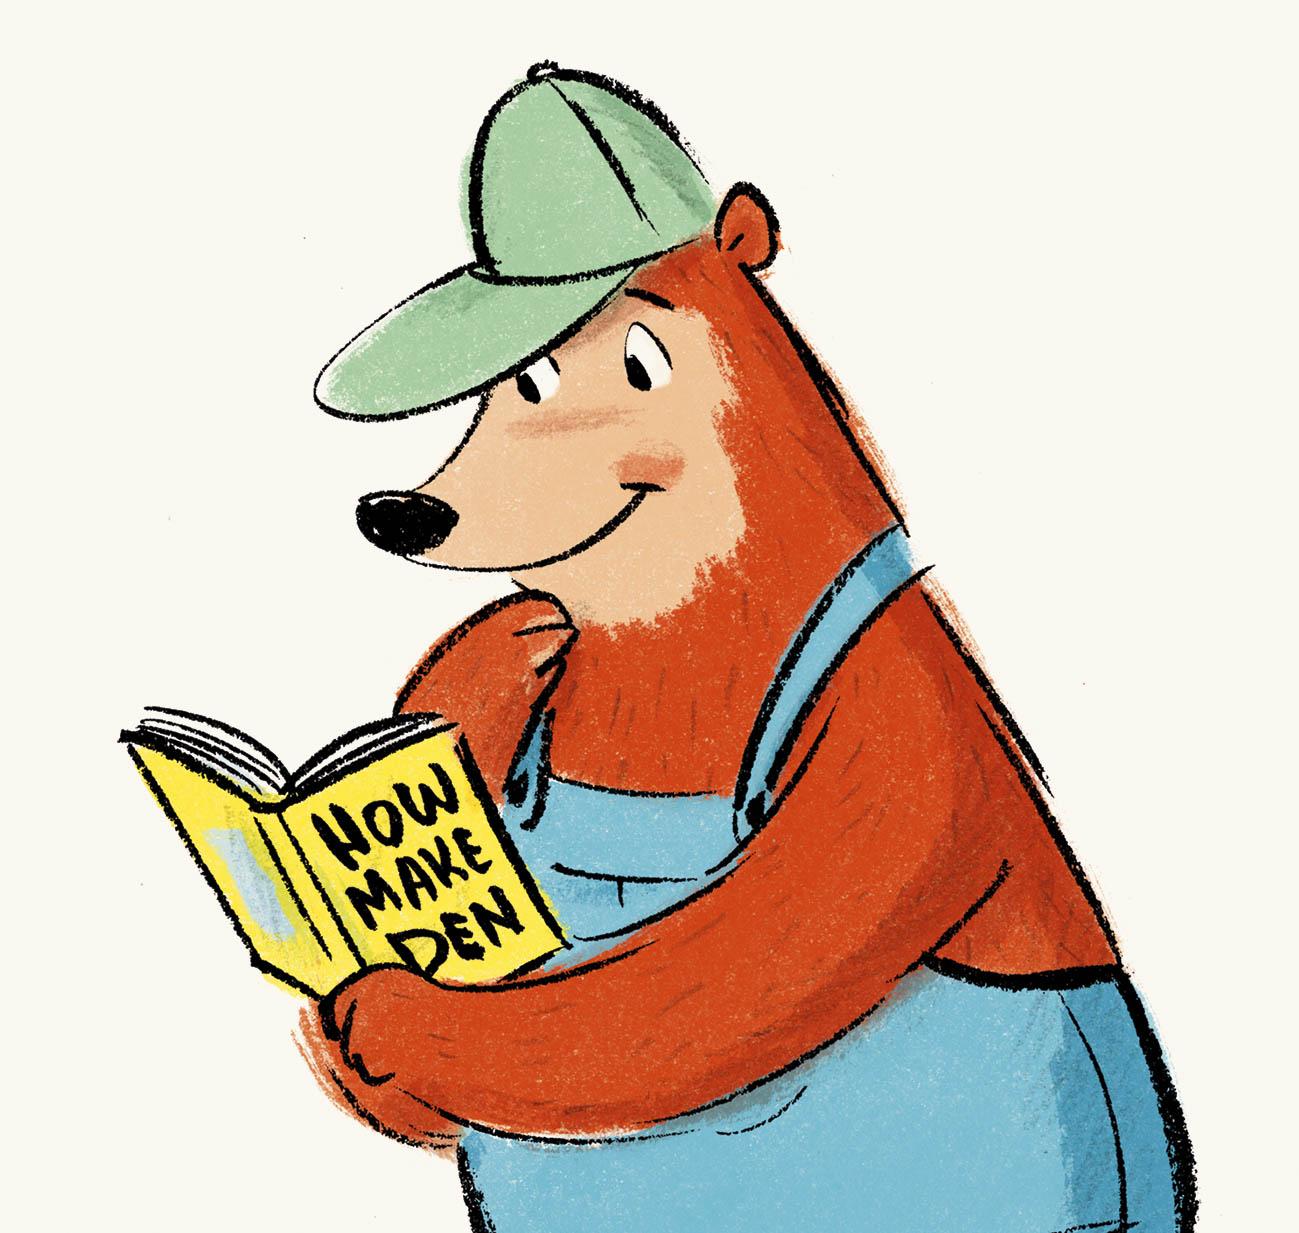 BearMakeDen_Howmakeden.jpg